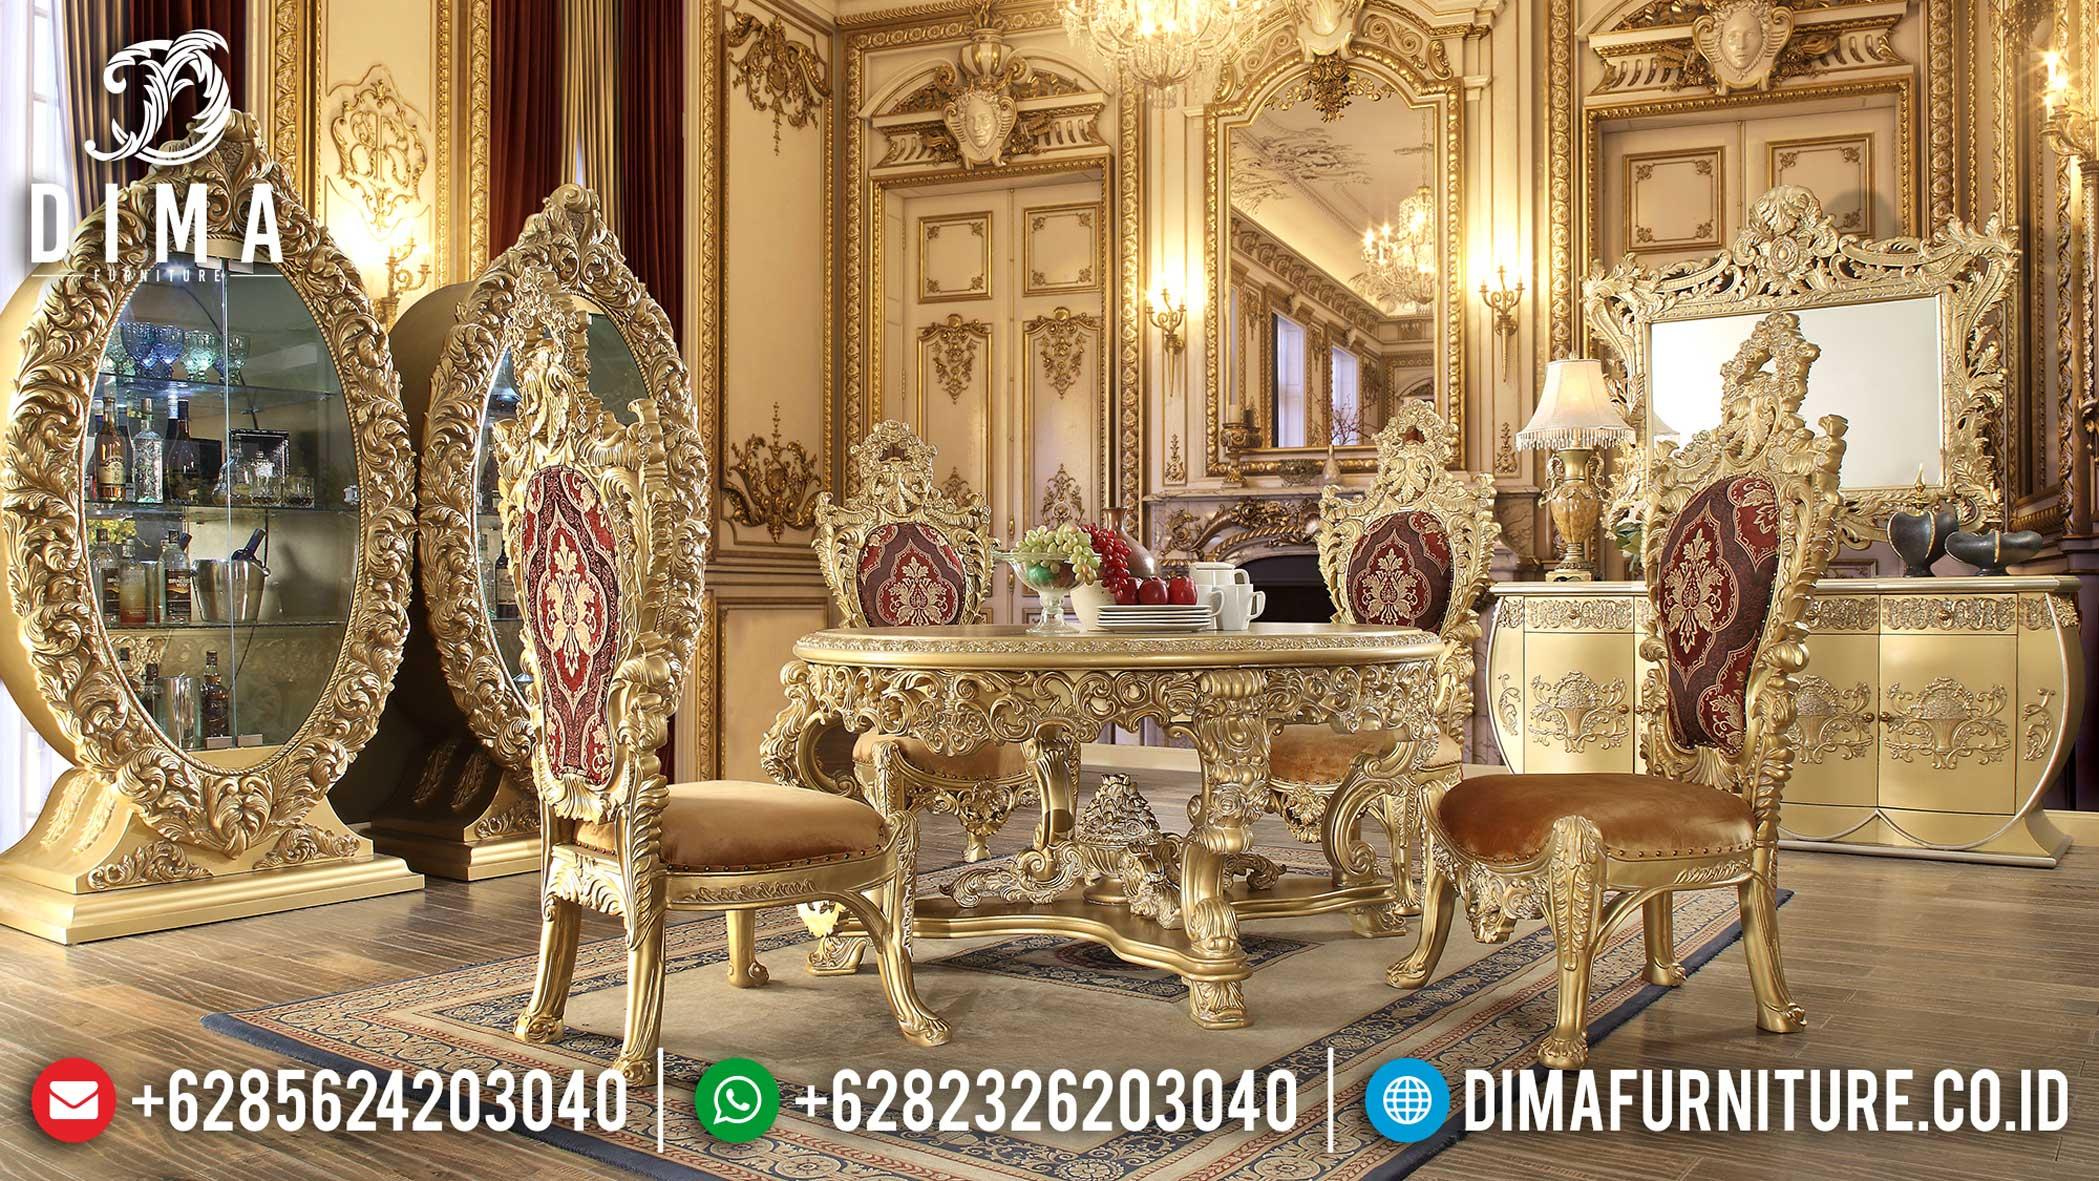 Jual Meja Makan Mewah Ukiran Jepara Luxury Great Sale Produk Terlaris Mm-0750